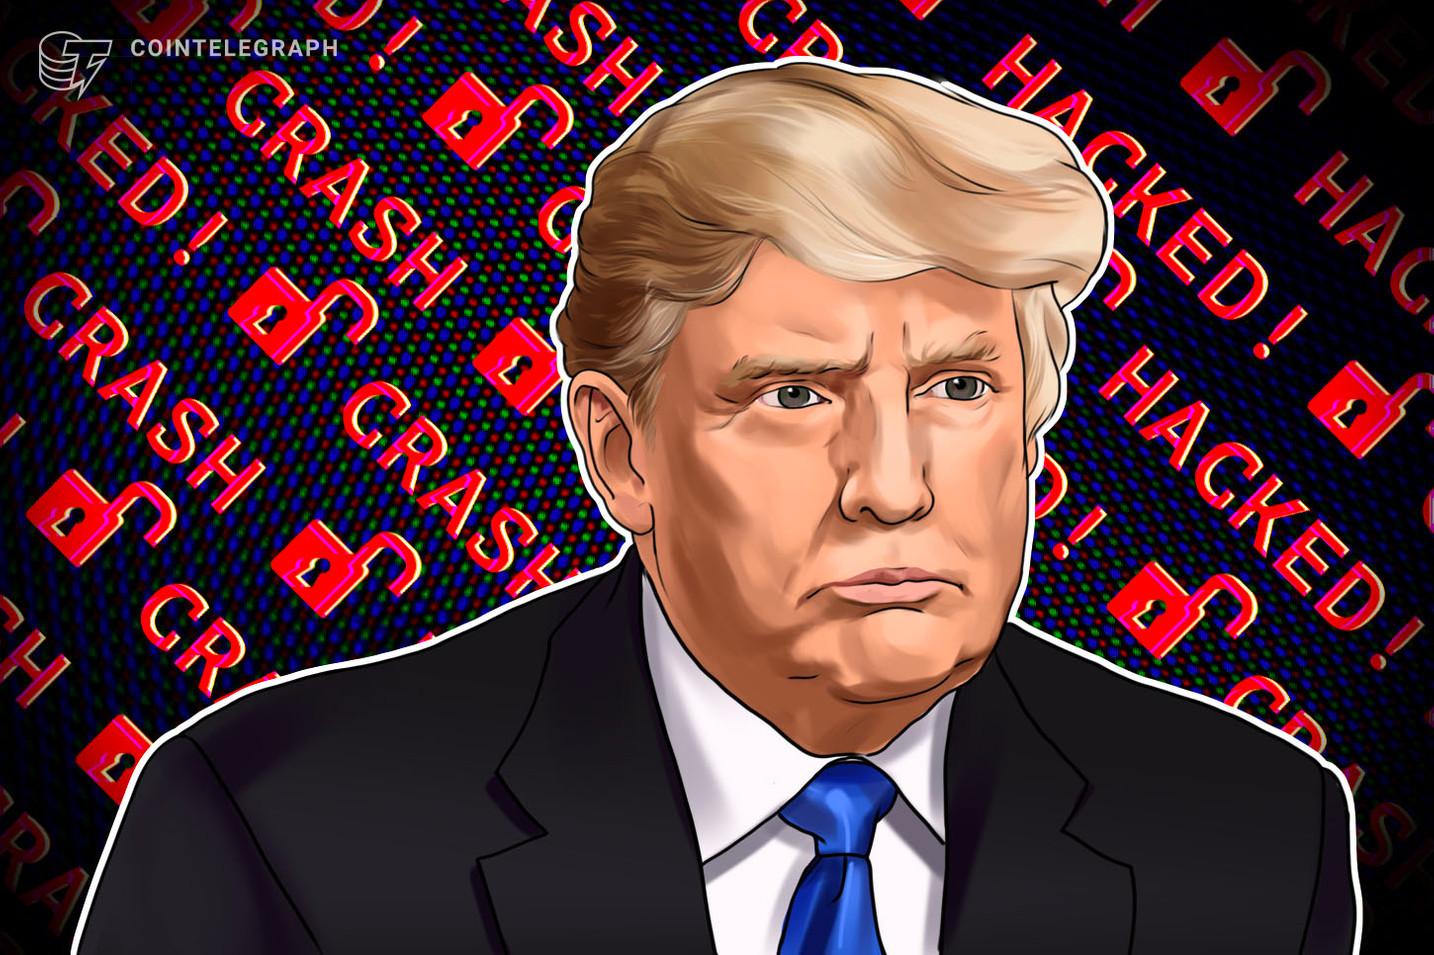 Criptoestafadores hackean el sitio web de la campaña de Trump a una semana de las elecciones